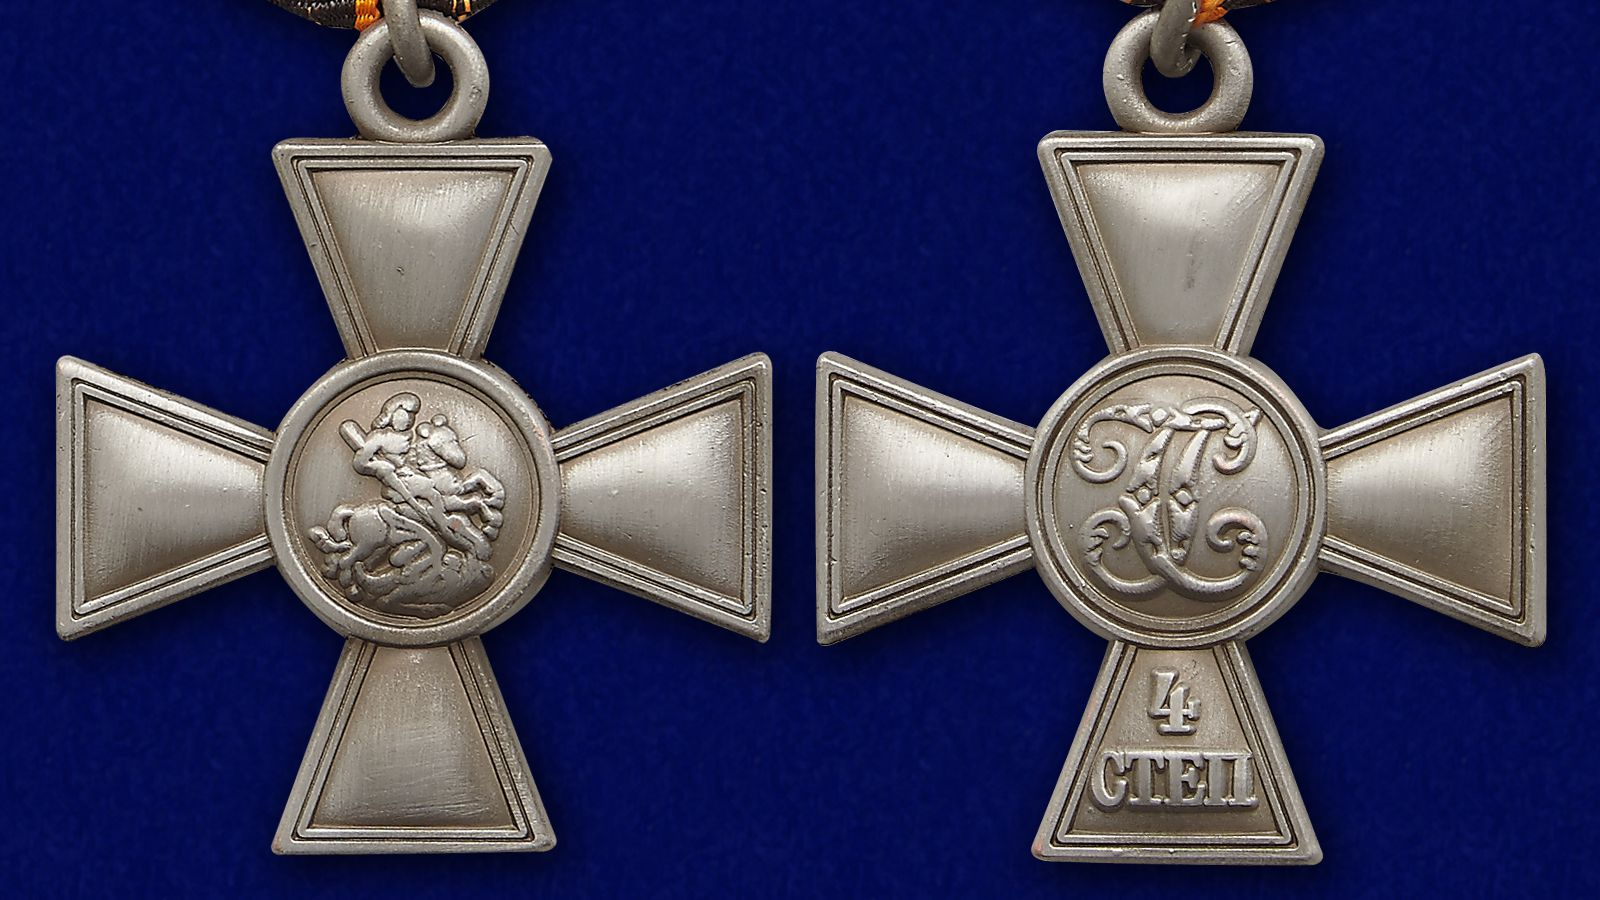 Георгиевский крест 4-й степени